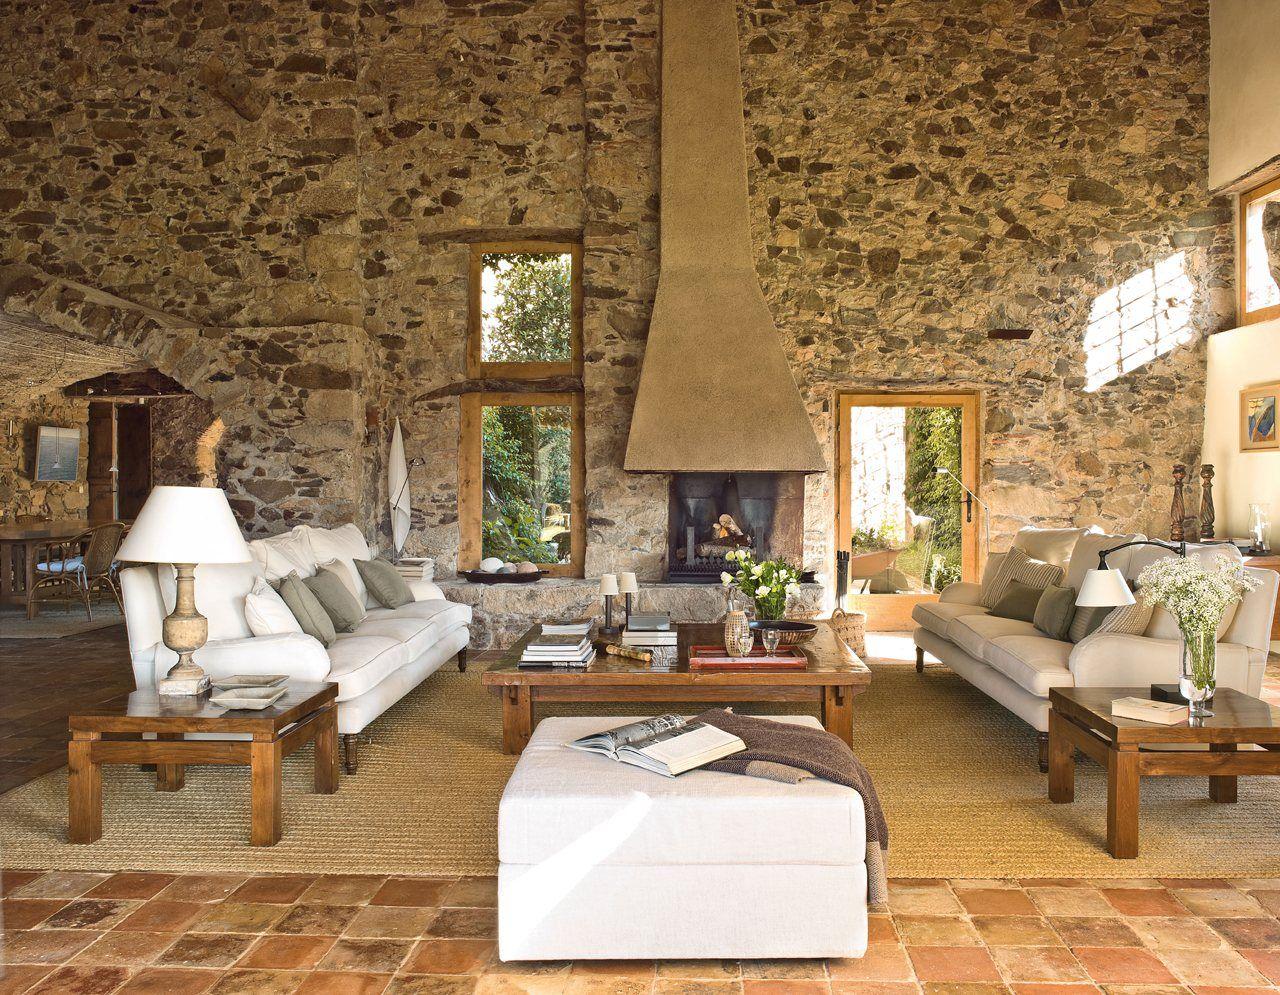 15 salones con chimenea d ambiente r stico country - Salones con chimeneas ...